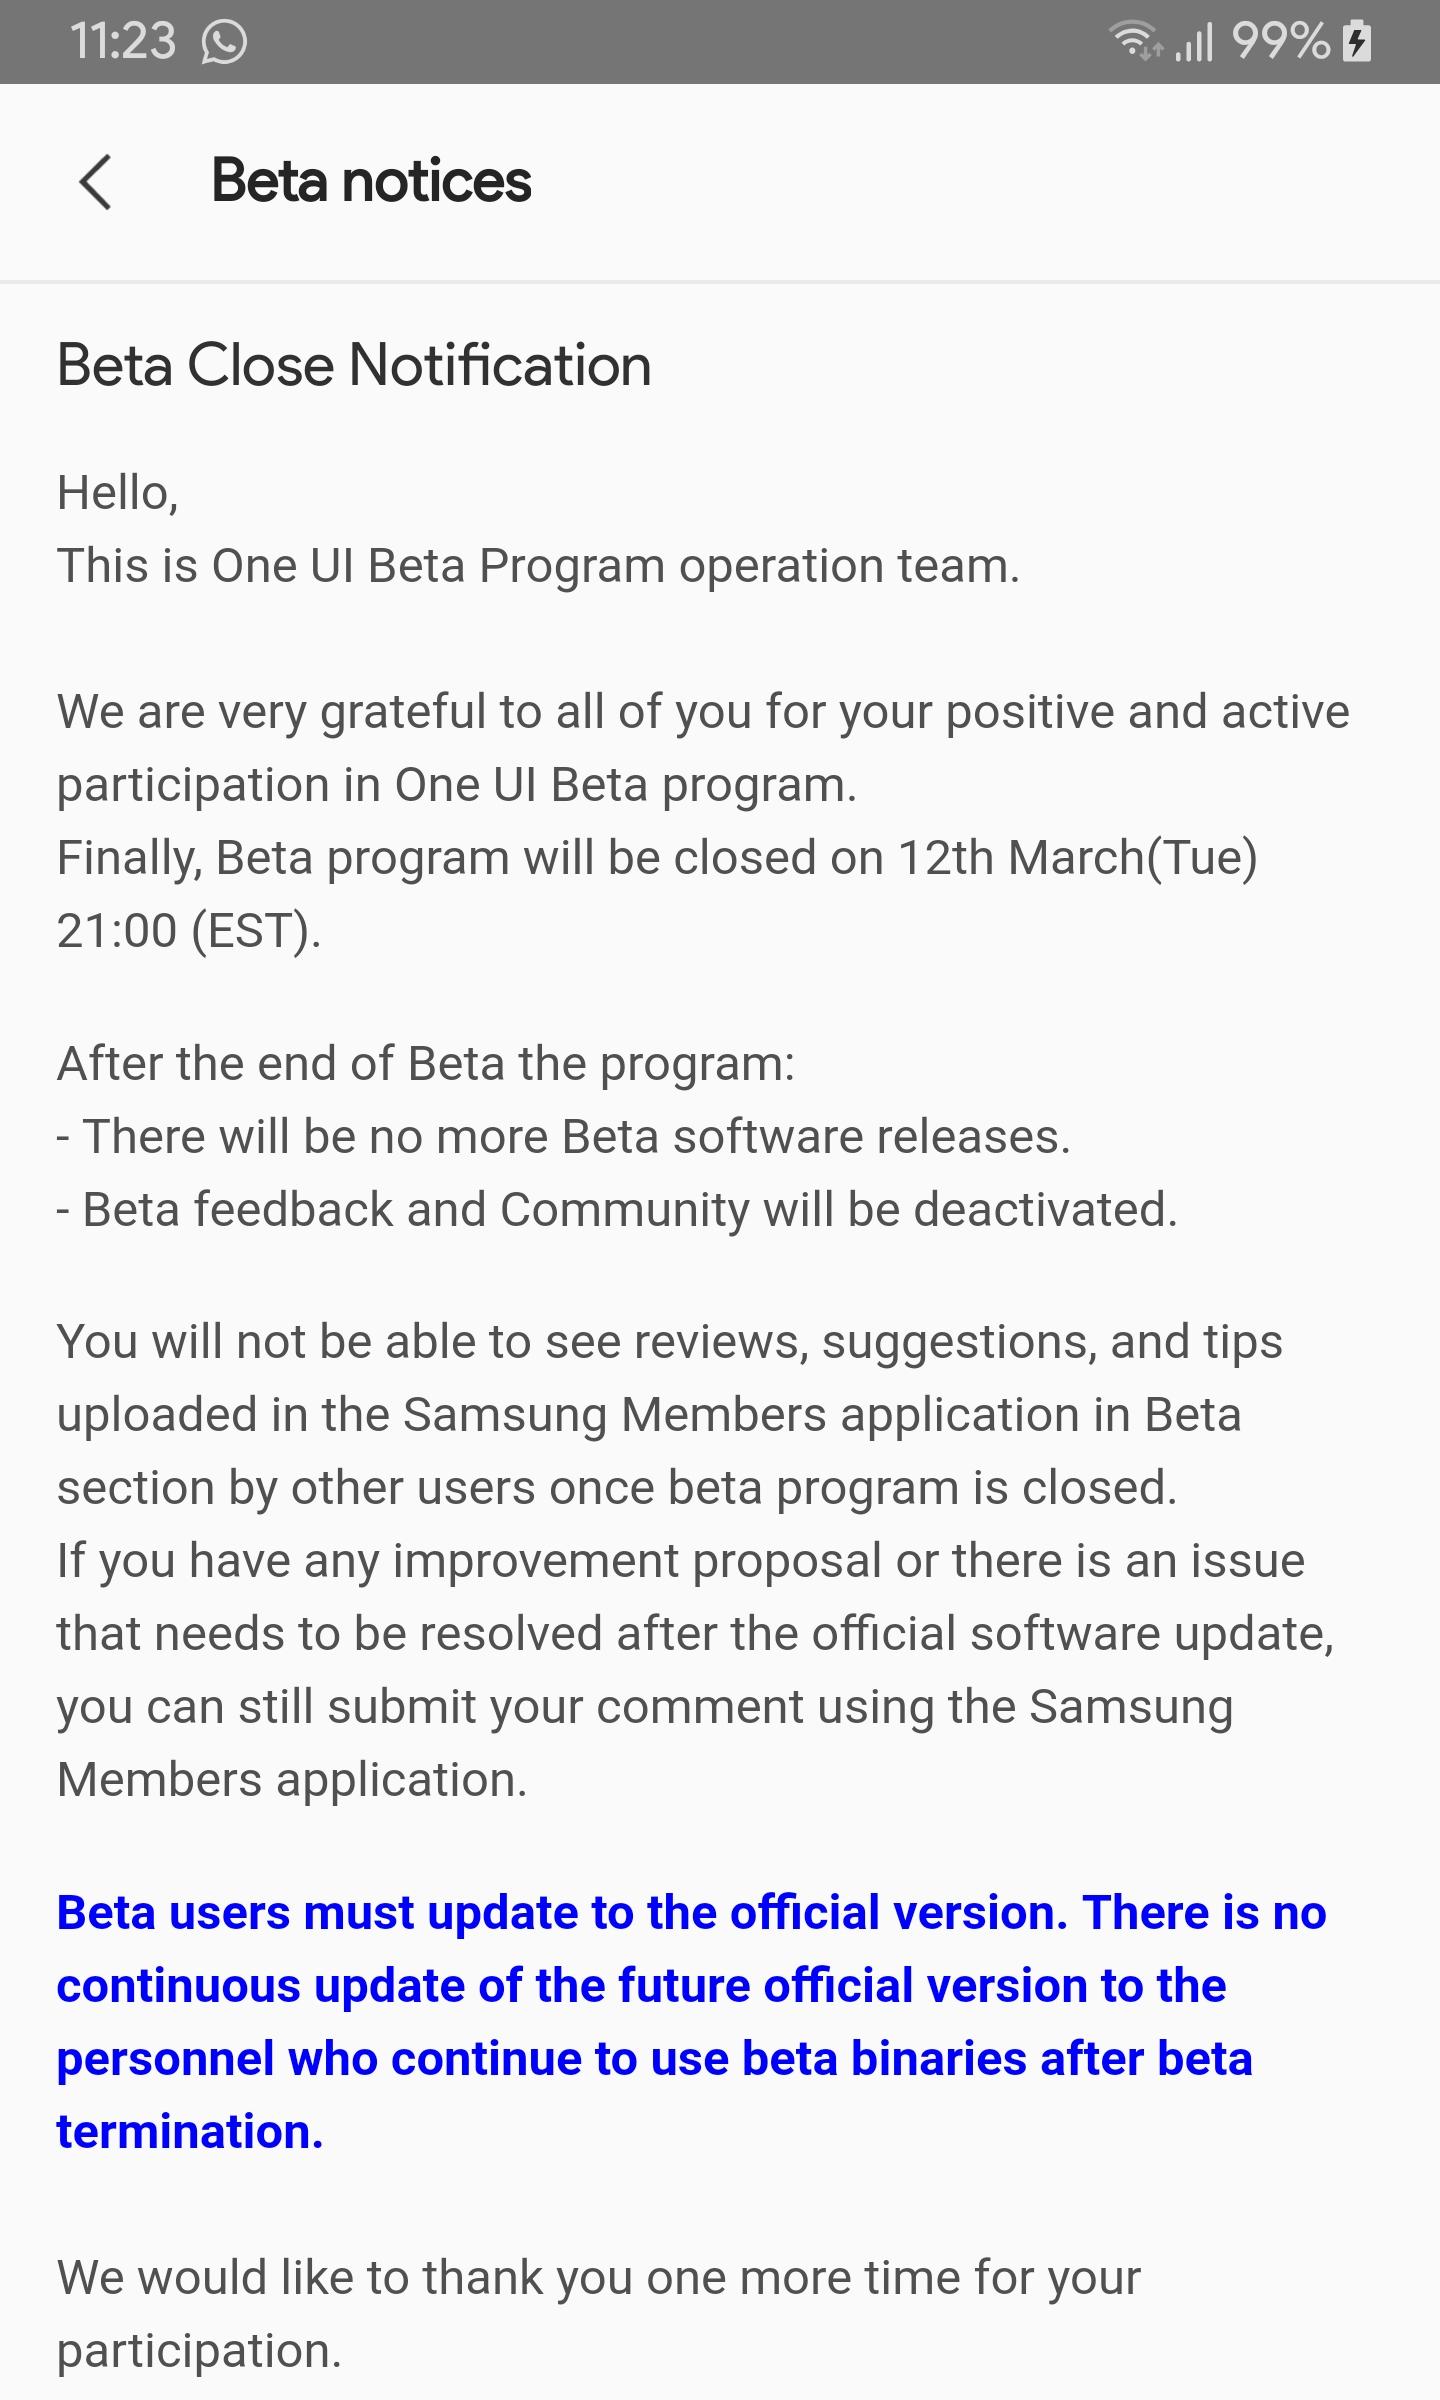 U.S.-unlocked-Galaxy-NOte-9-beta-end-notice